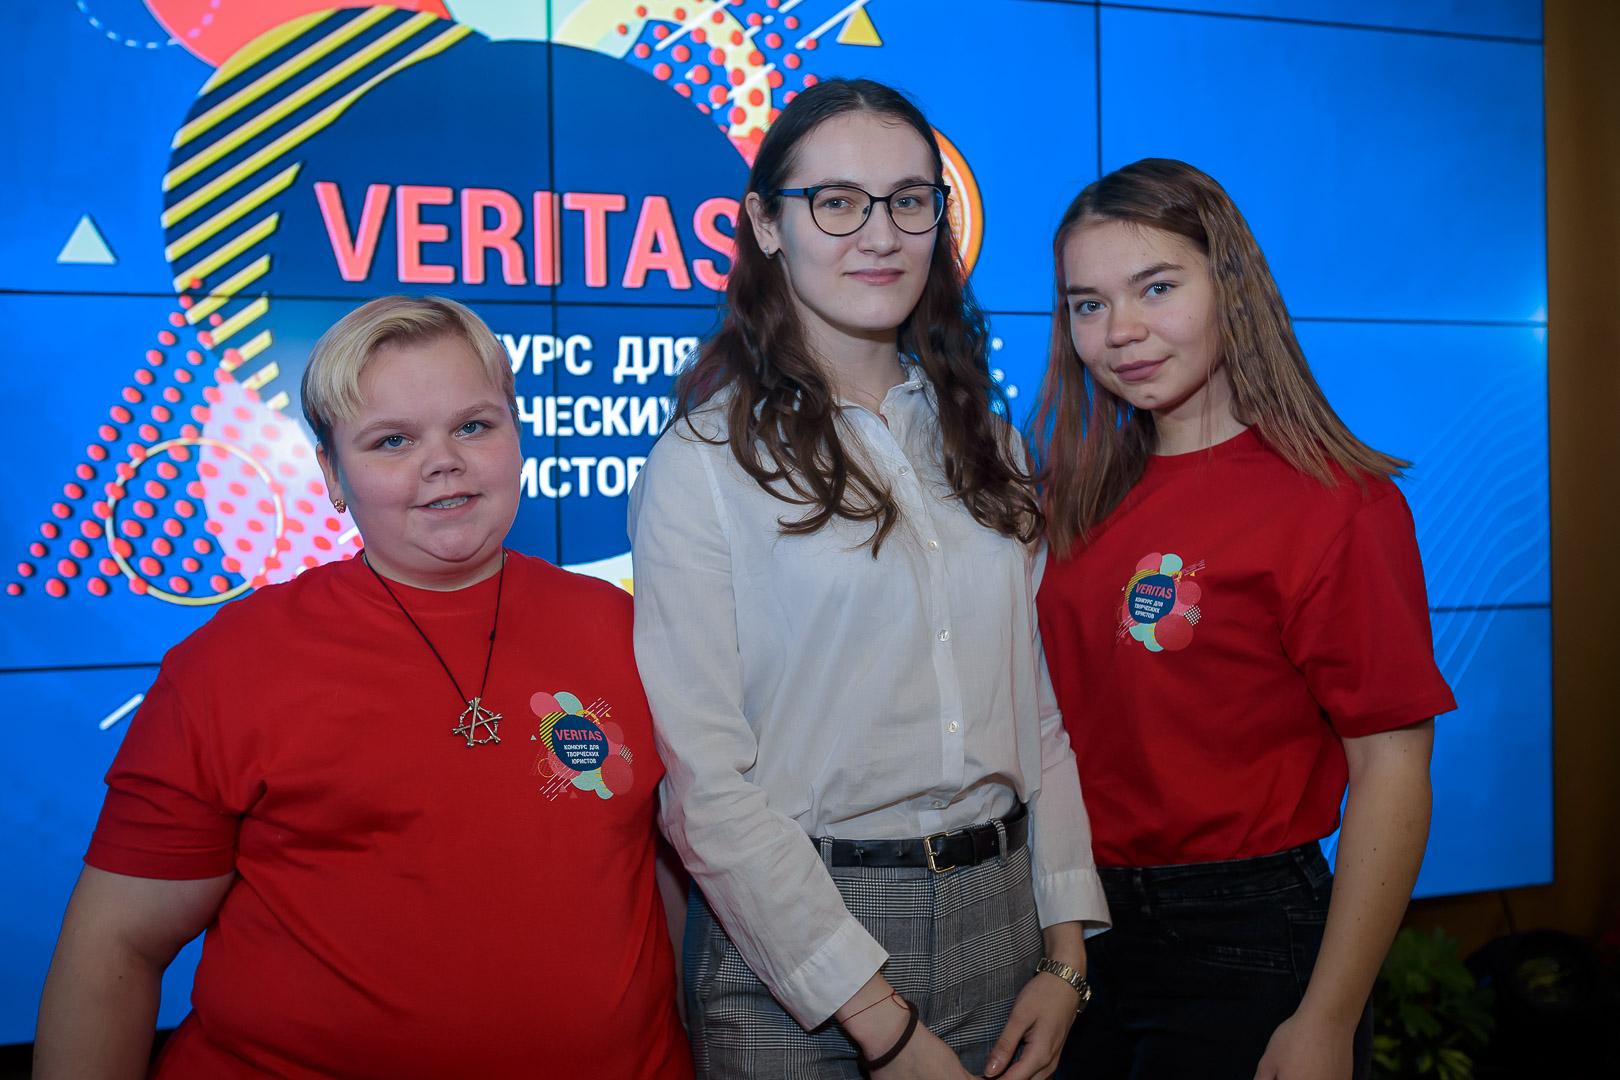 Всероссийский творческий фестиваль-конкурс «VERITAS»